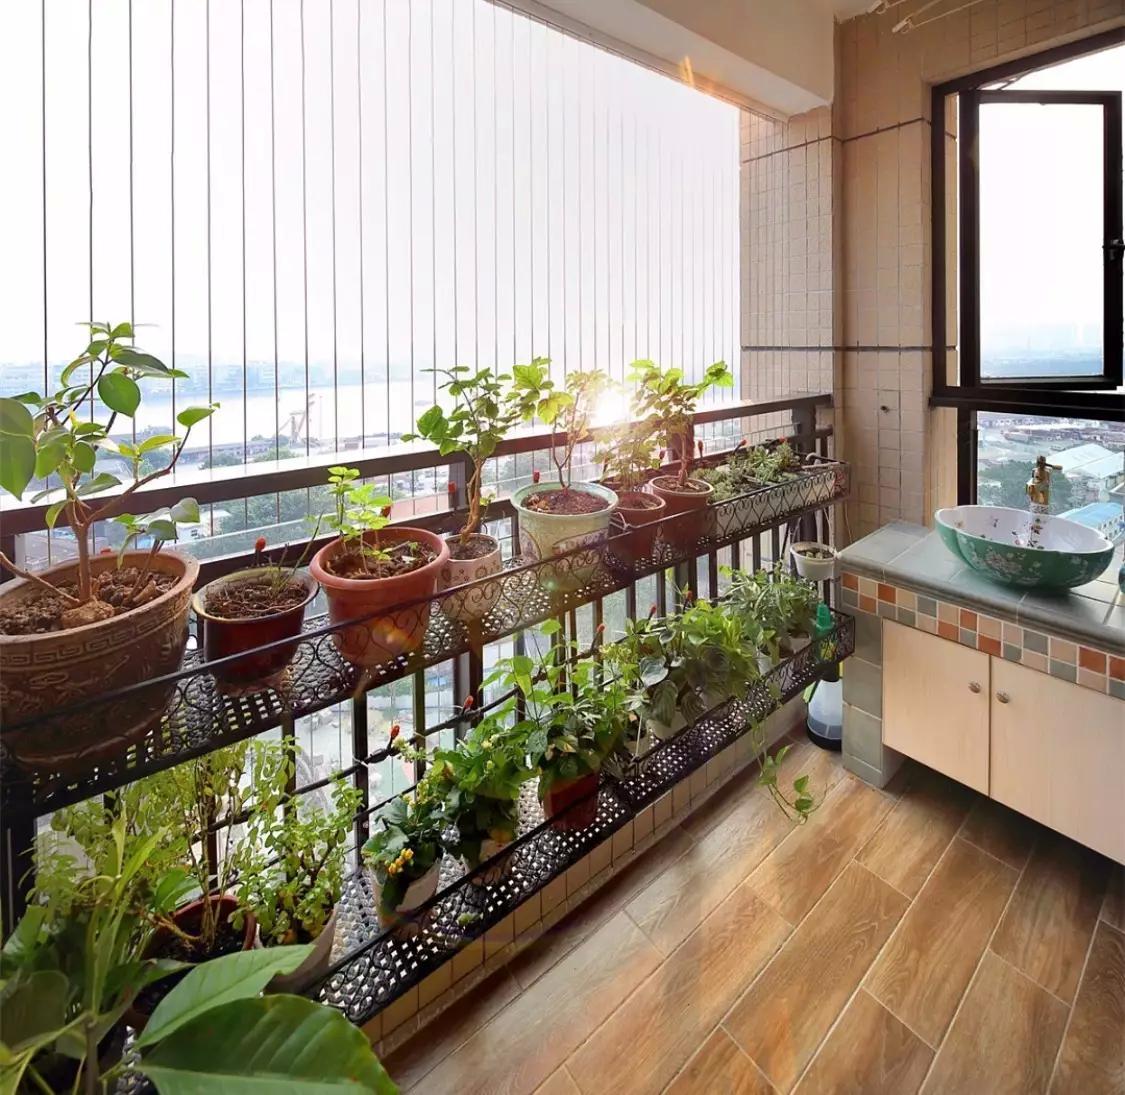 阳台作为一个室内外交界的空间,它不仅要从美观,还要考虑地面的耐用